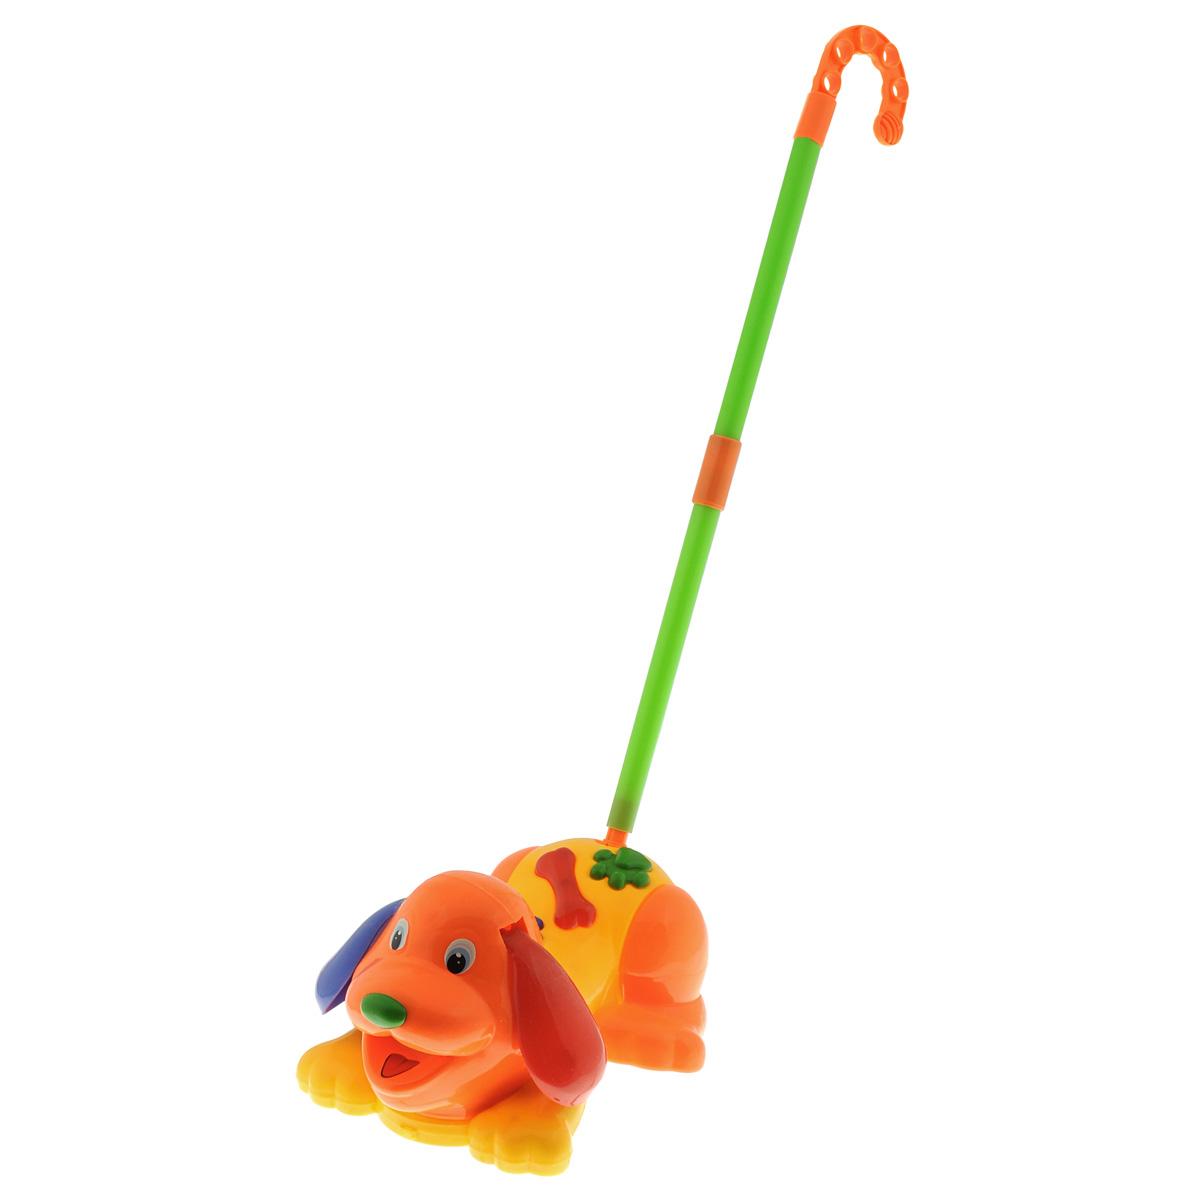 Игрушка-каталка Собачка, цвет: желтый, оранжевый718-1Яркая игрушка-каталка Собачка непременно понравится вашему ребенку и не позволит ему скучать. Она выполнена из прочного яркого пластика в виде очаровательного щеночка с задорной улыбкой и добрыми глазками. Собачка оснащена пластиковой телескопической тростью, которая присоединяется к хвостику, благодаря чему ребенок сможет толкать игрушку перед собой. Во время движения щенок будет кивать головой и двигать лапками, а встроенная пищалка будет издавать забавные звуки. Игрушка имеет красочный дизайн, а яркие цвета подарят малышу хорошее настроение. Играя с такой каталкой ребенок сможет развить цветовое восприятие, мелкую моторику рук, тактильную чувствительность и координацию движений.